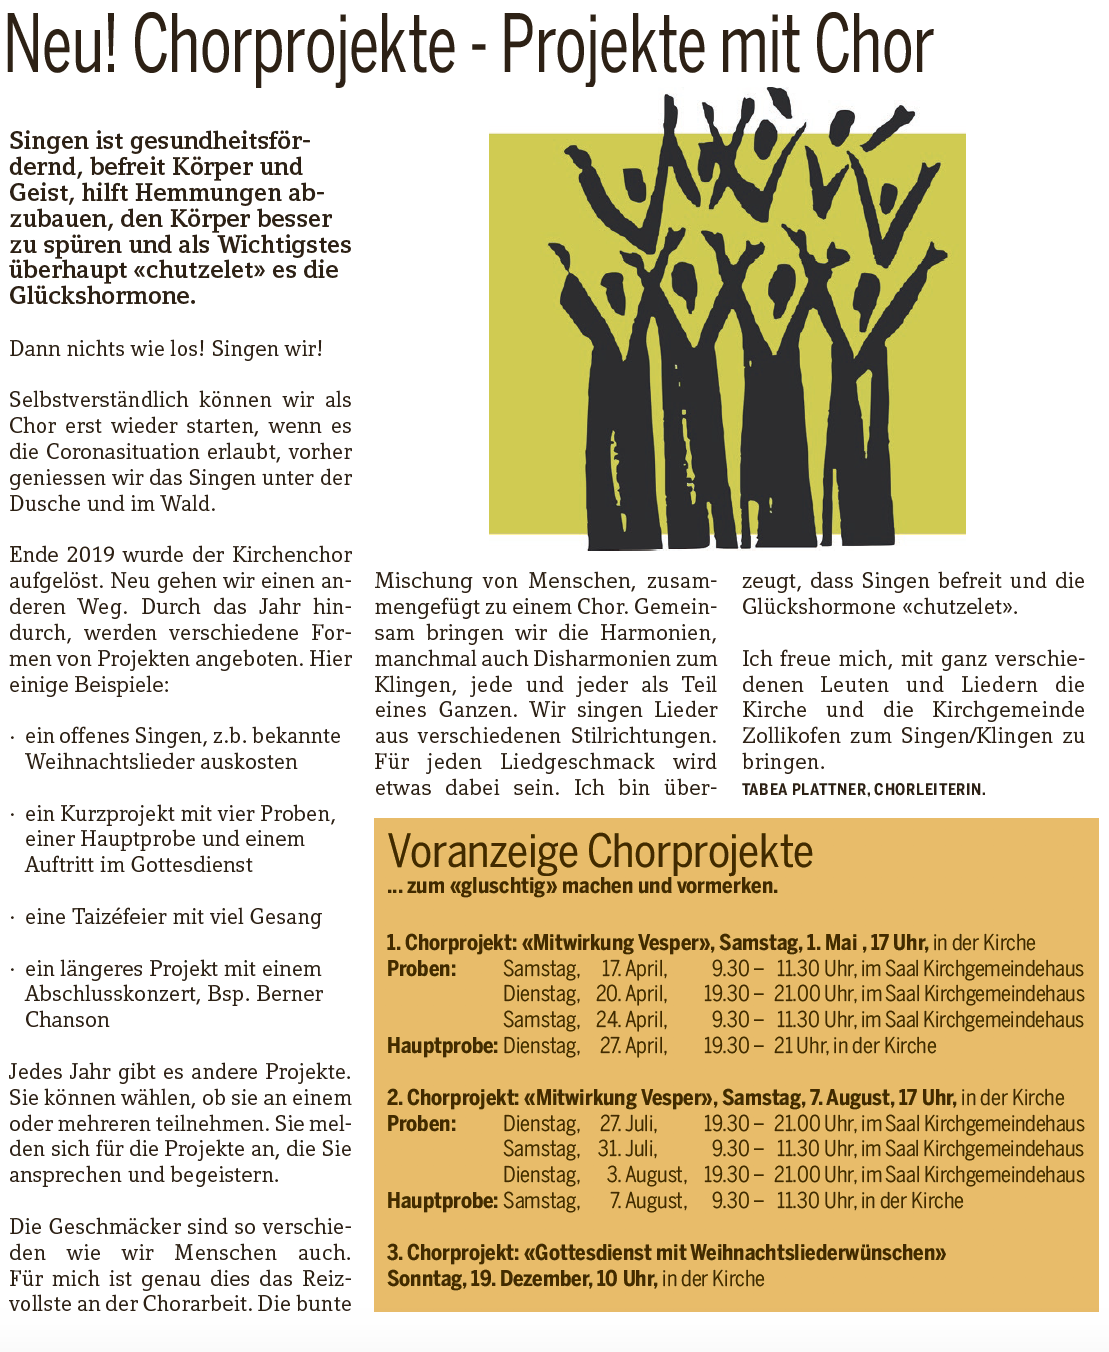 Chorprojekte Zollikofen mit Tabea Plattner